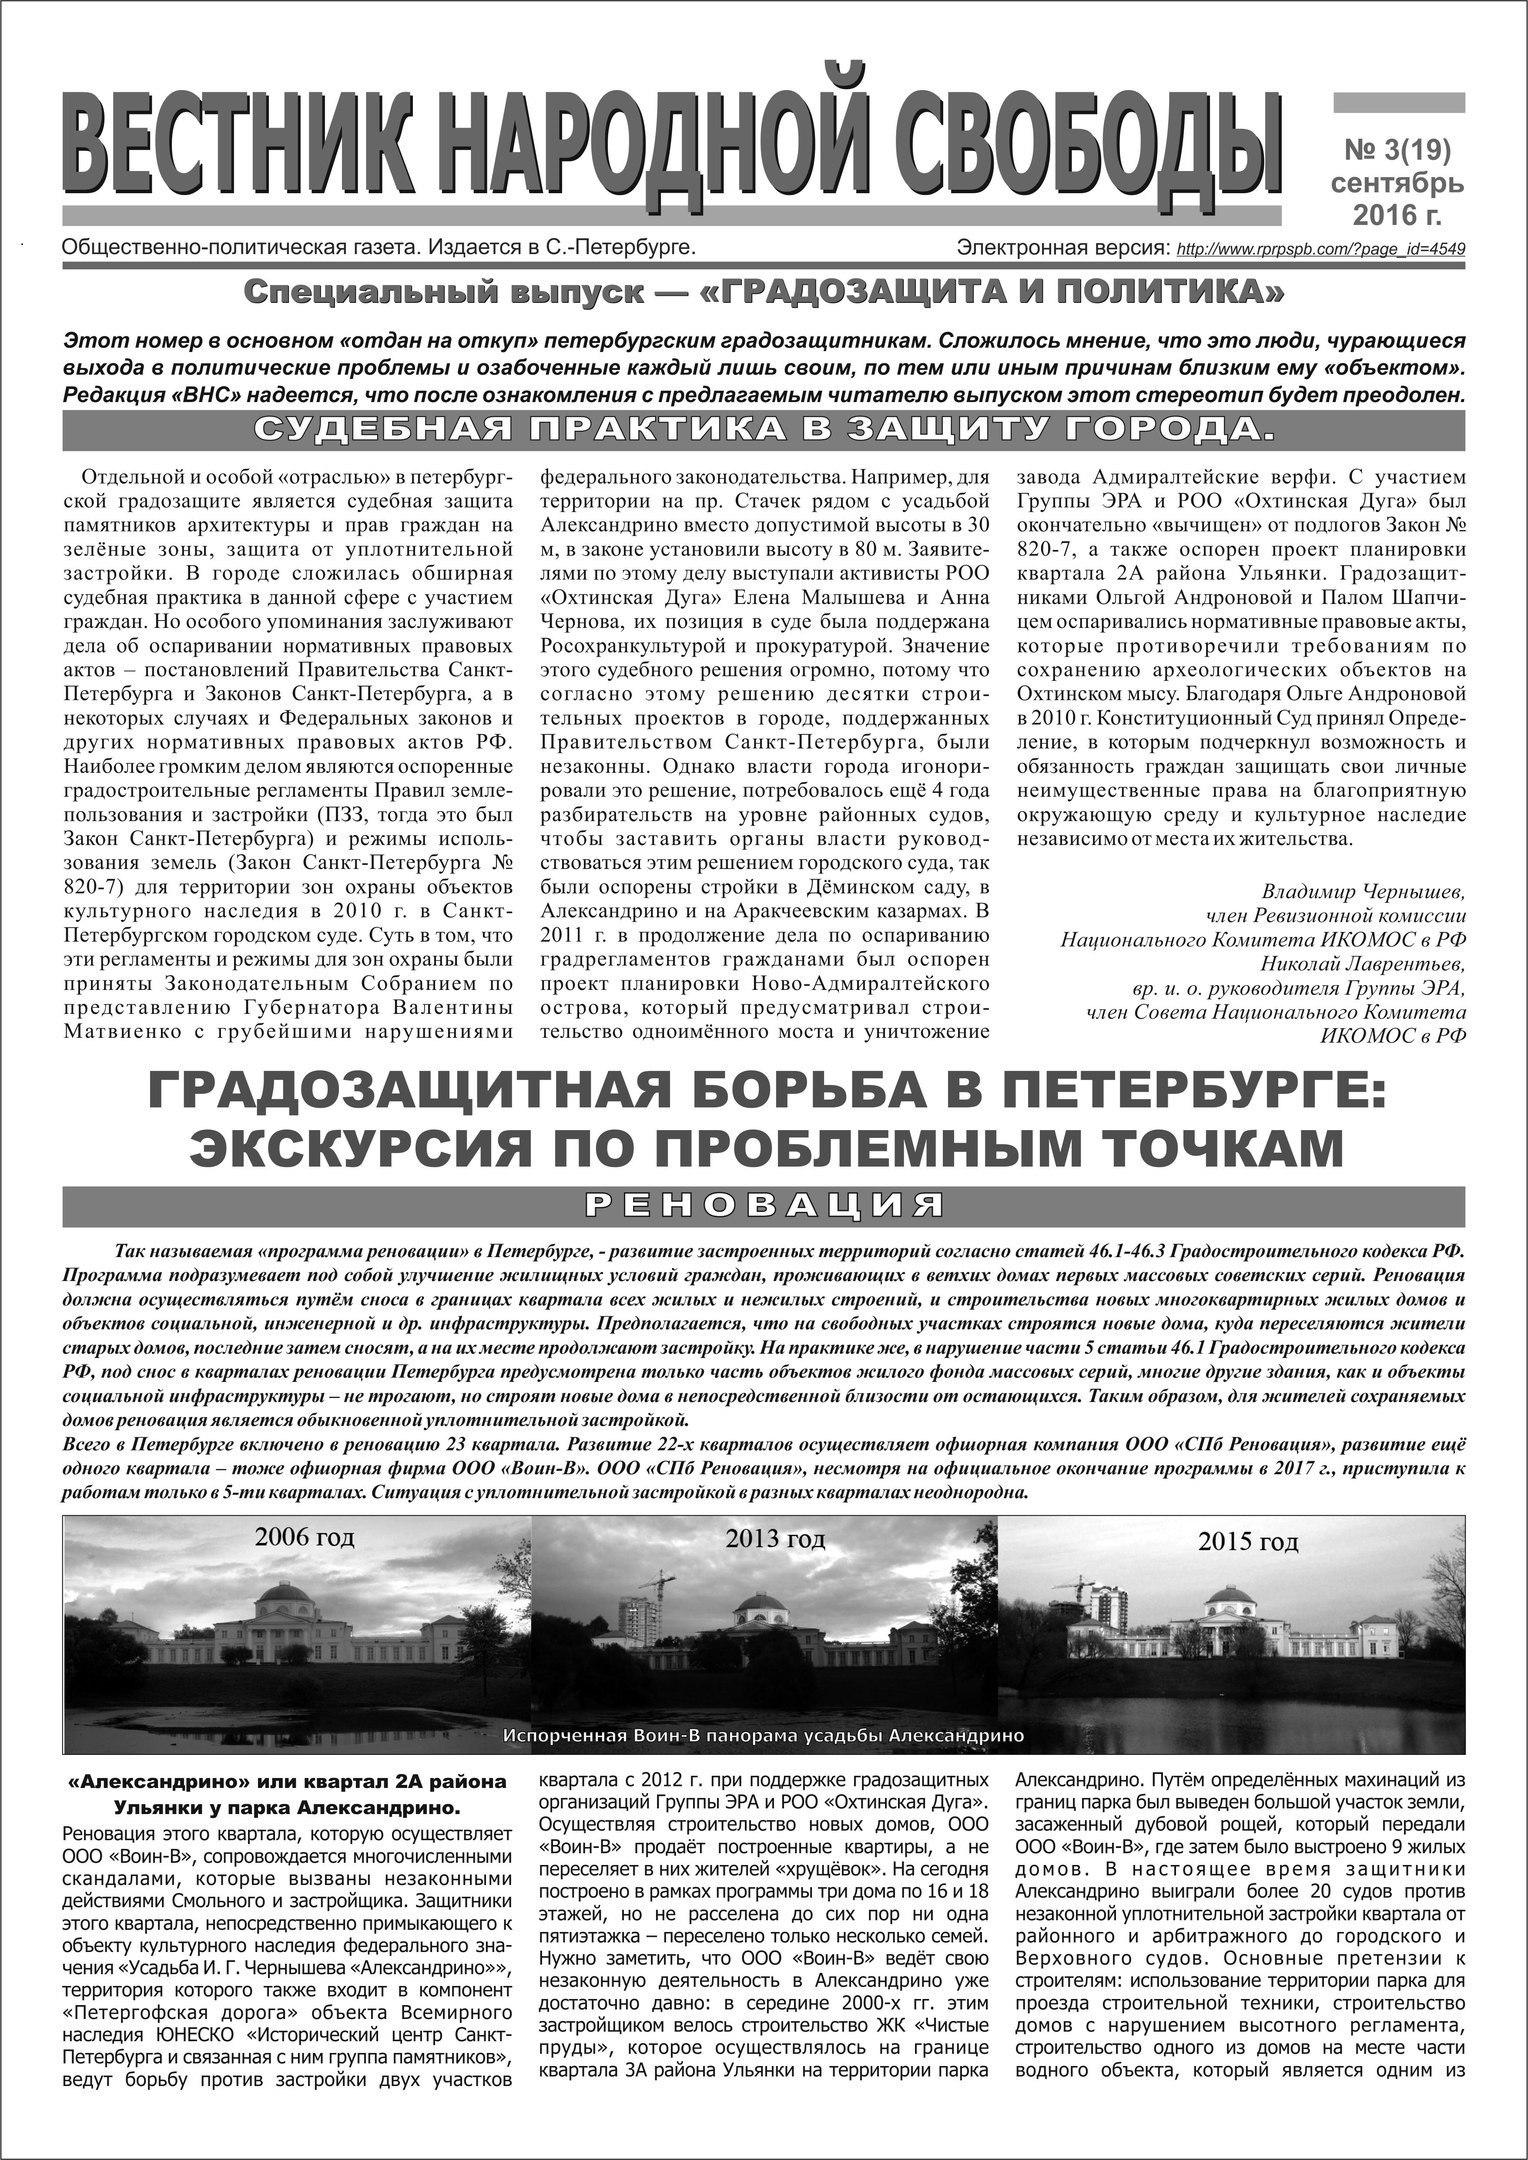 Первая полоса Вестника народной свободы